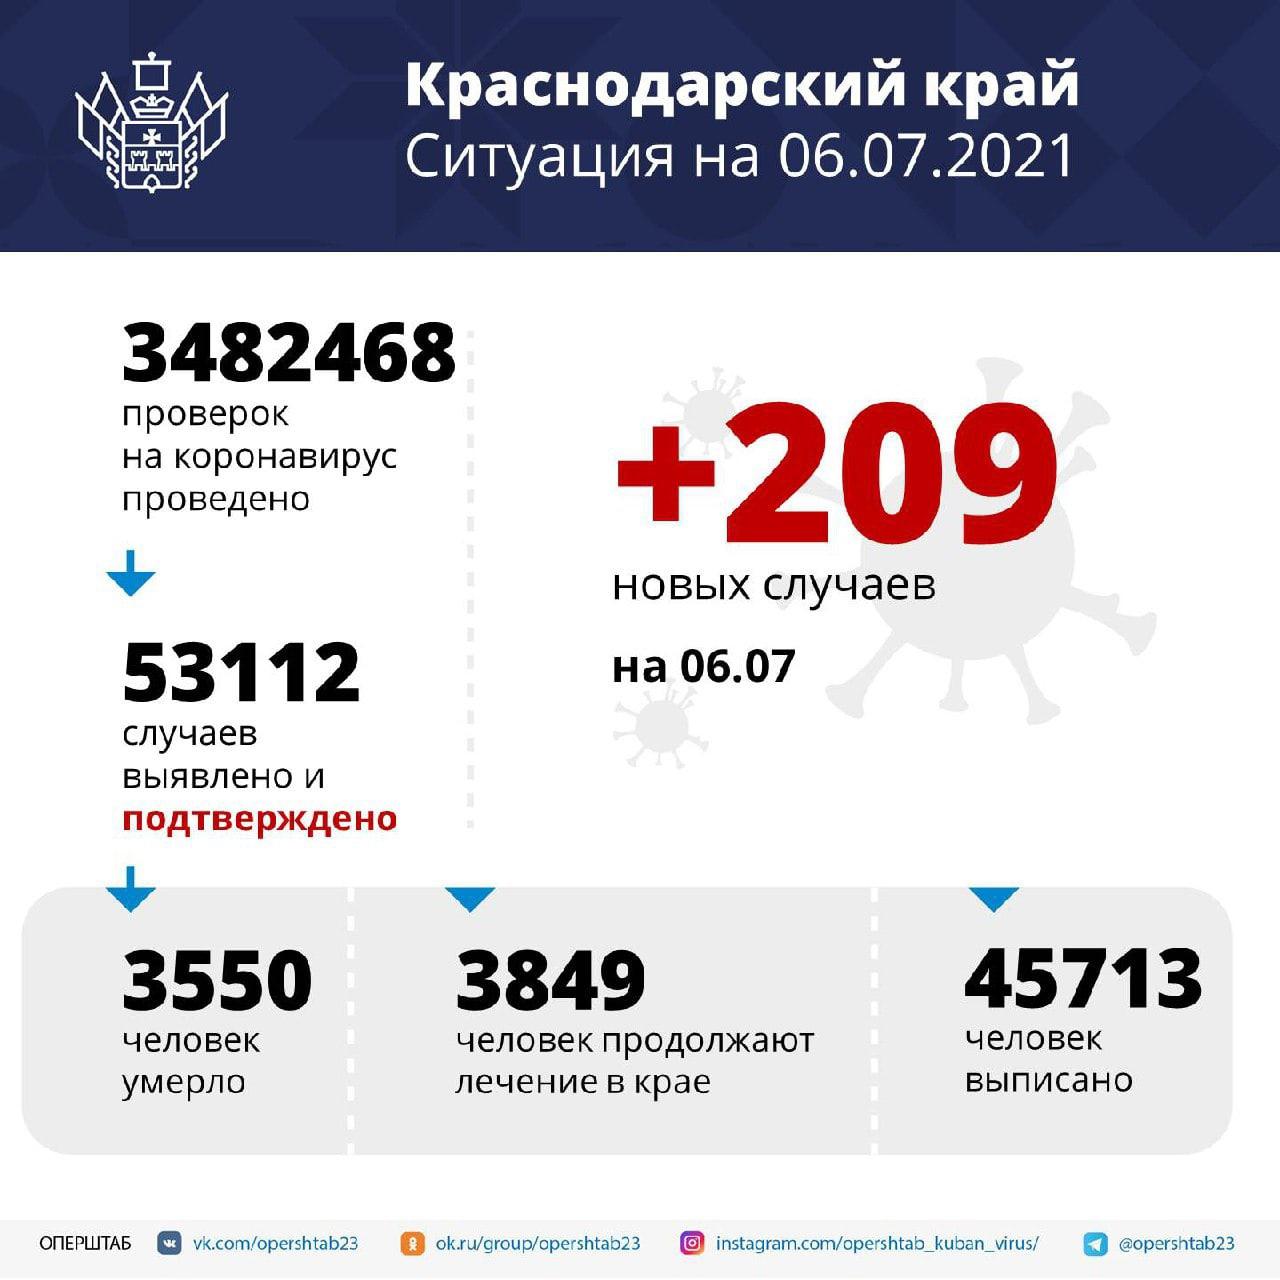 В Краснодарском крае за сутки зарегистрировали 209 случаев...